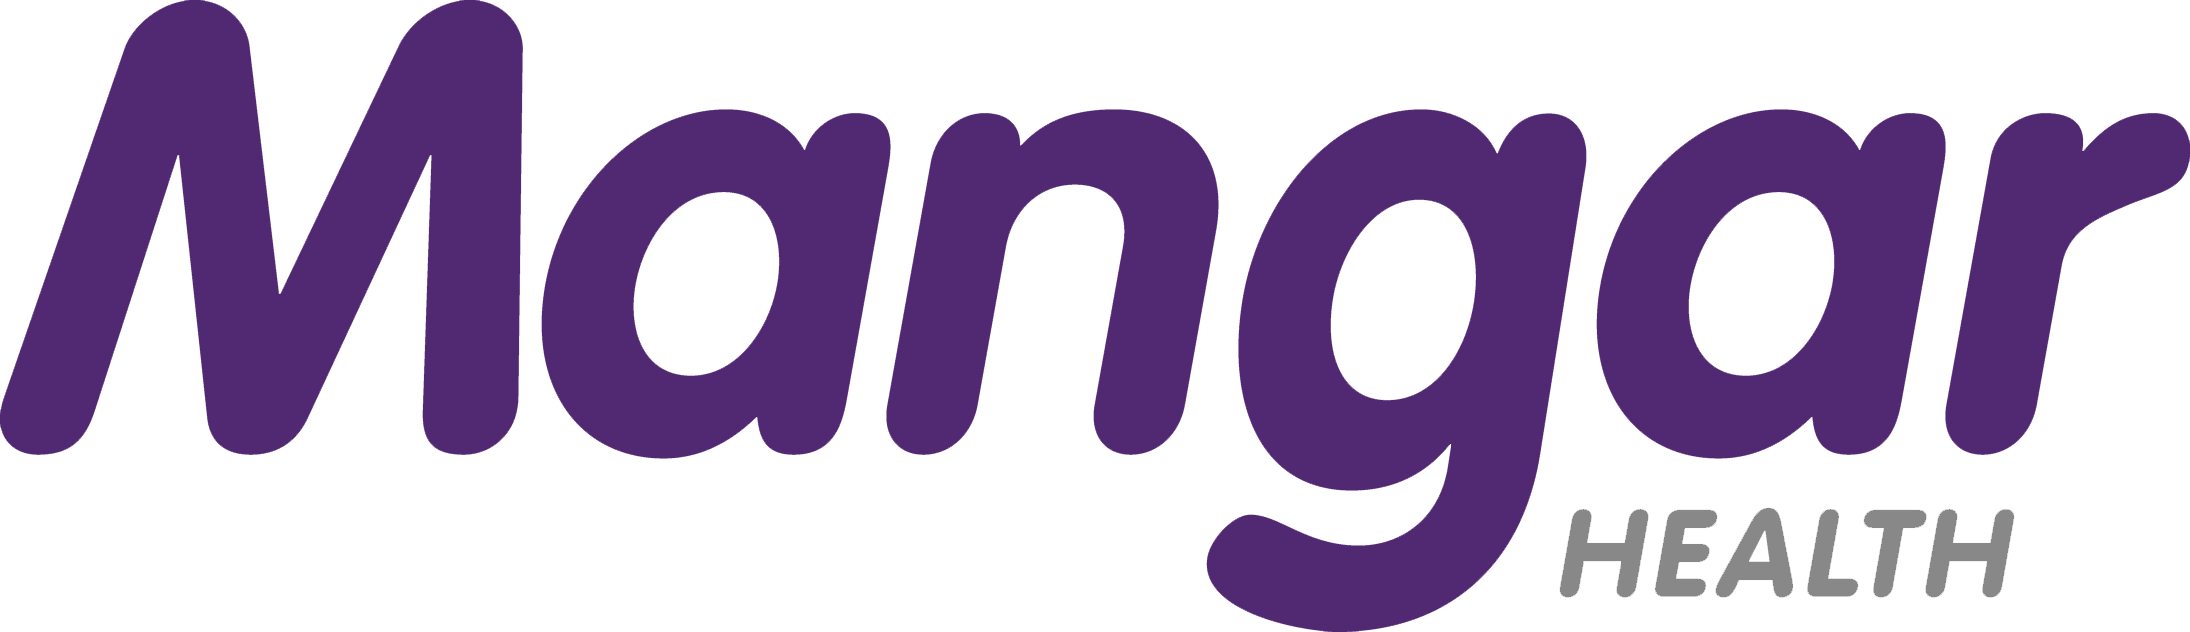 Mangar